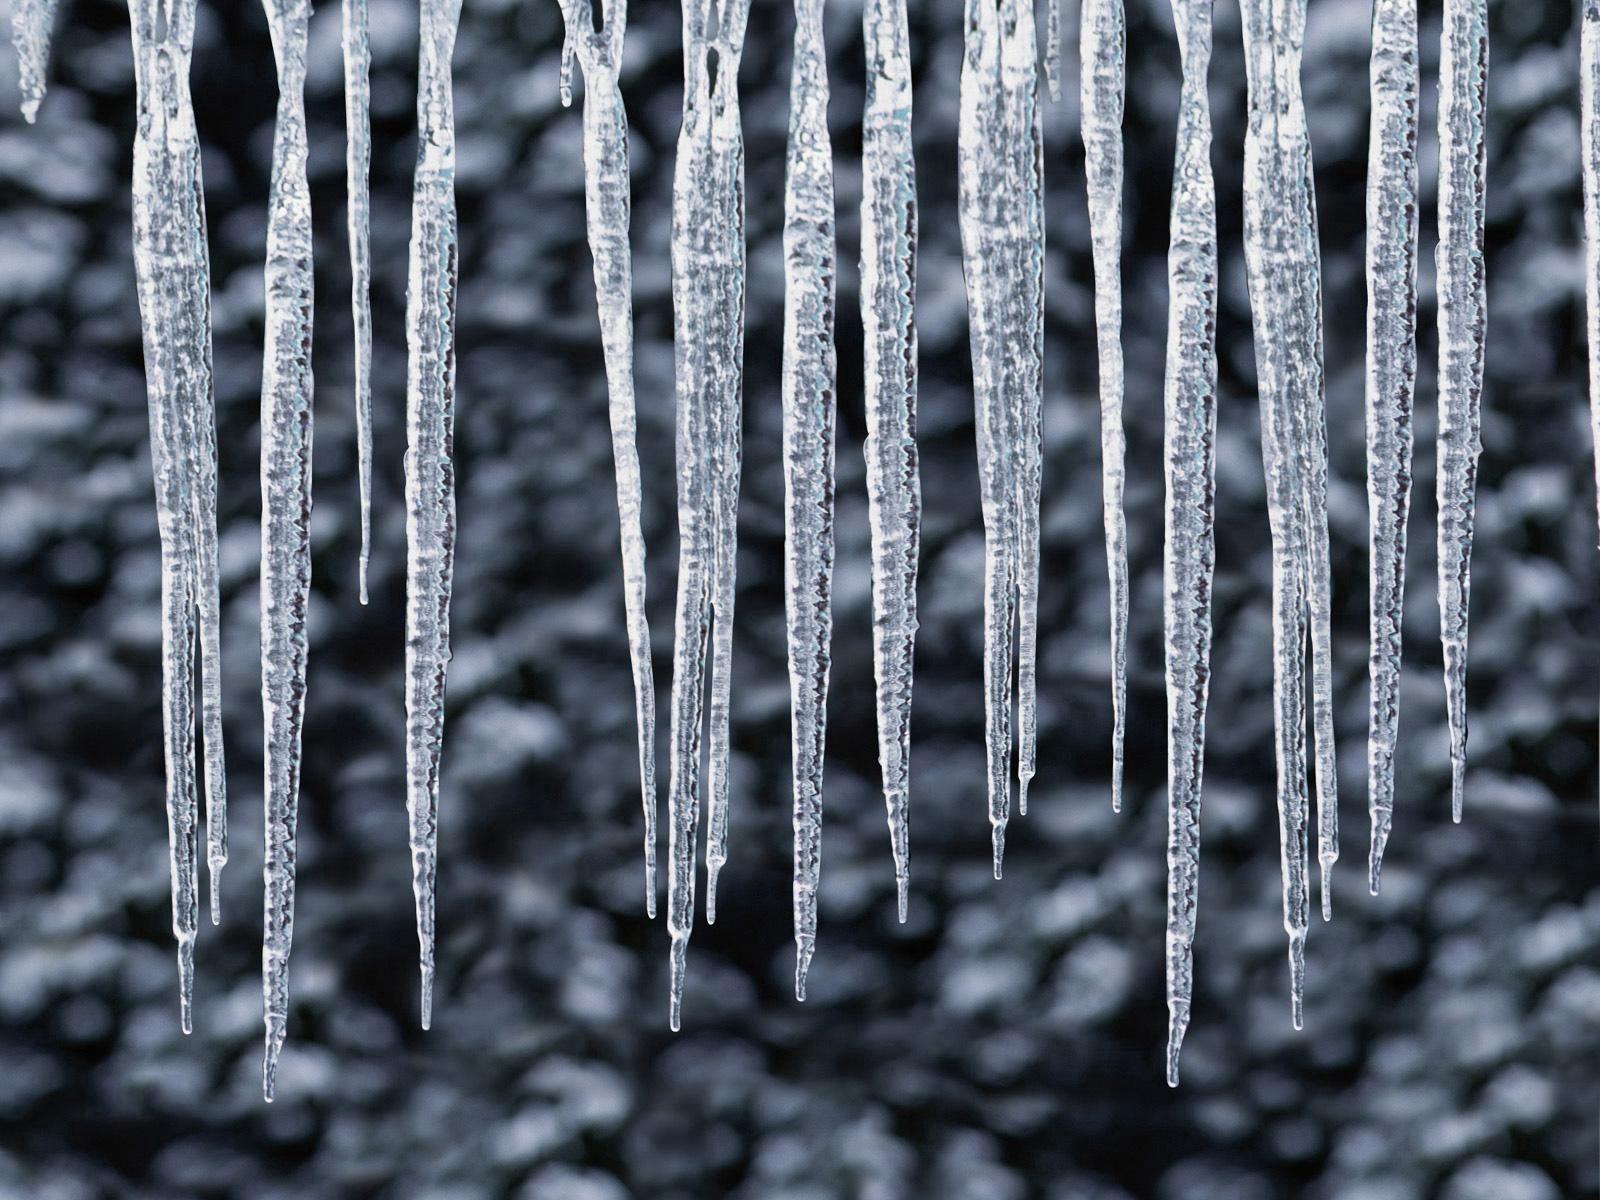 91614 скачать обои Природа, Сосульки, Ряд, Зима, Холод, Лед - заставки и картинки бесплатно